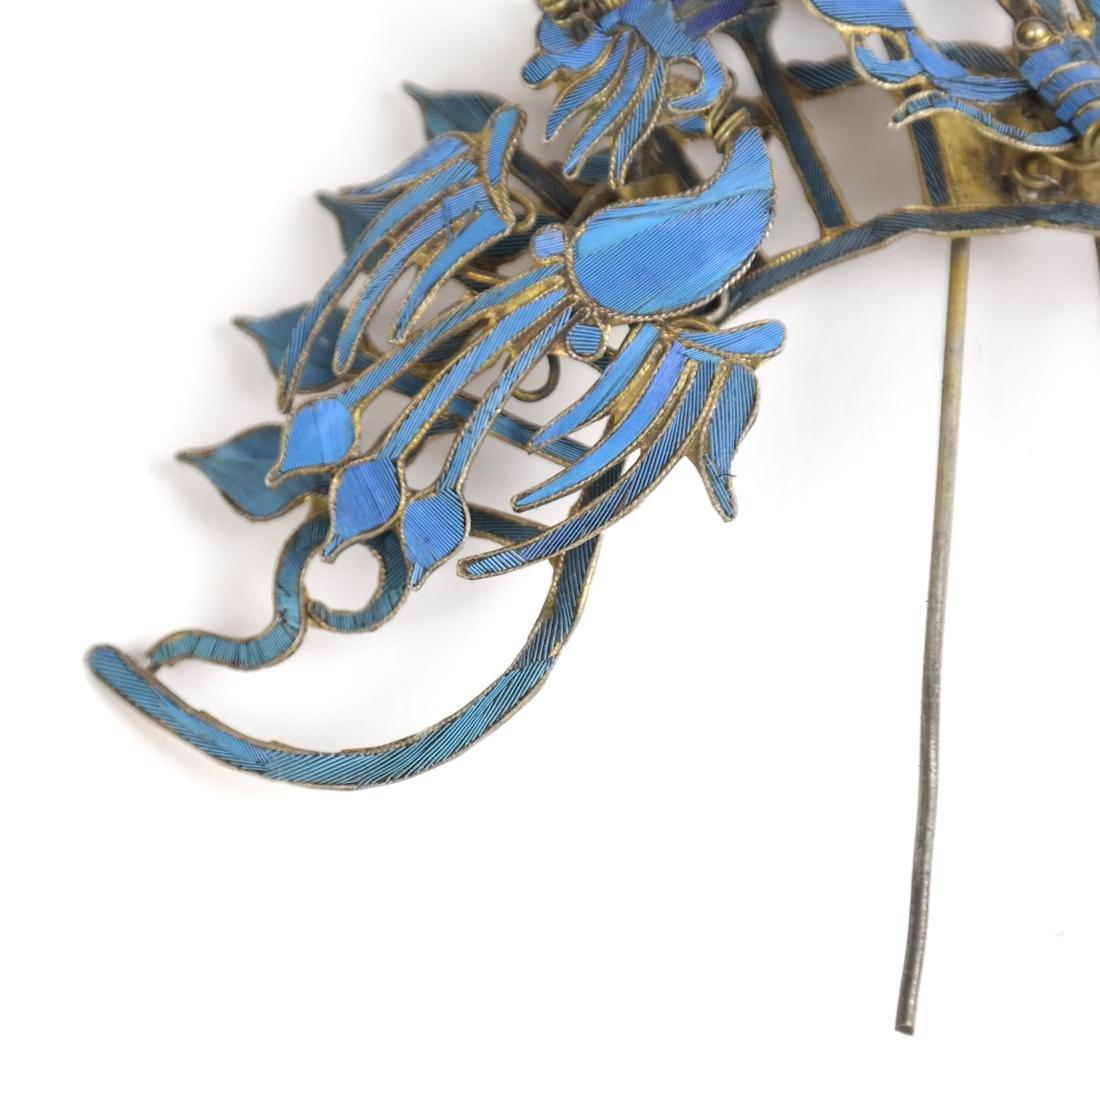 Chinese Kingfisher Hairpin - 3